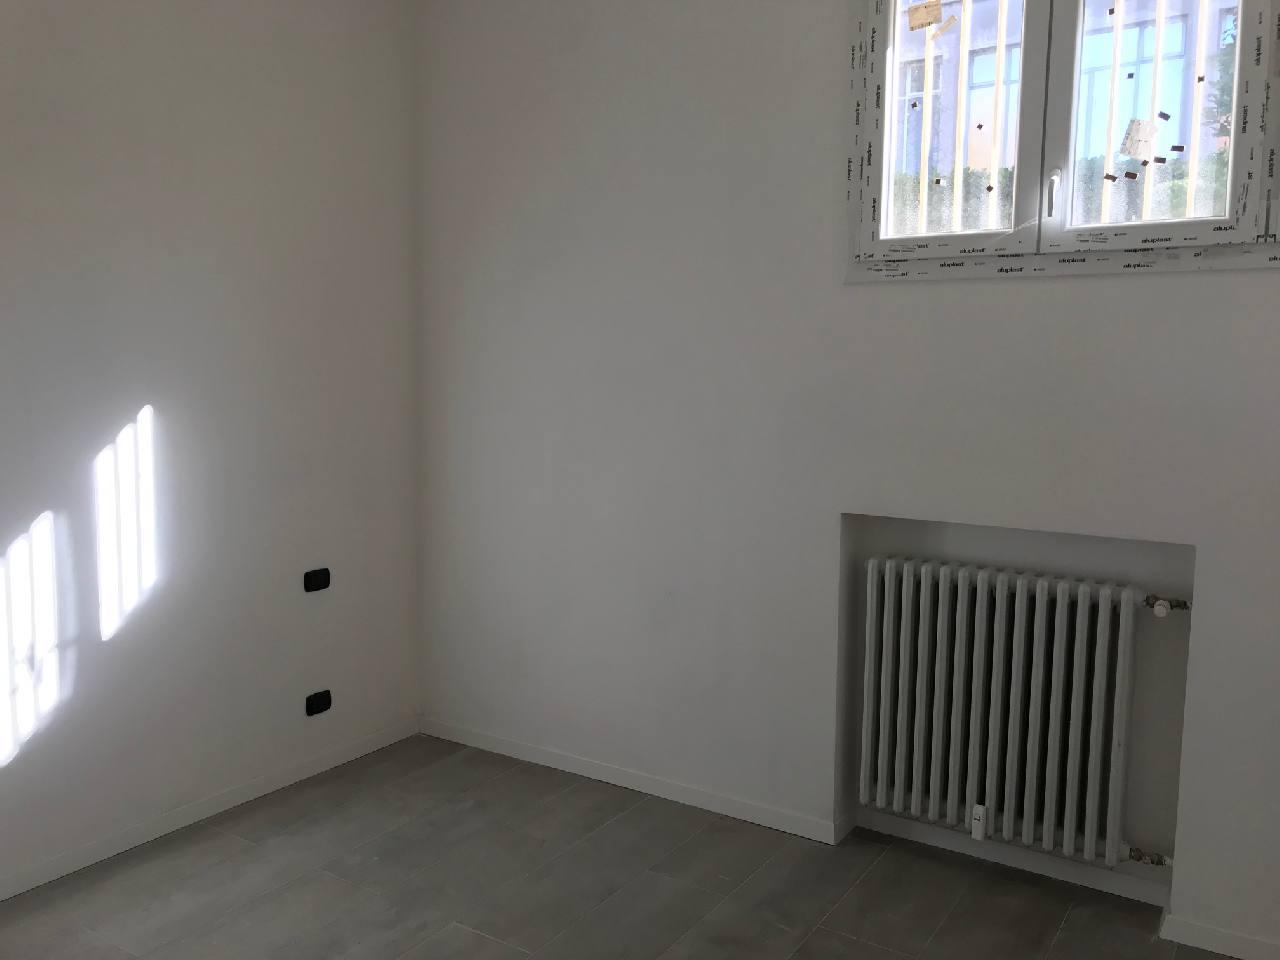 Appartamento in vendita a San Lazzaro di Savena, 1 locali, zona Zona: Idice, prezzo € 125.000 | CambioCasa.it